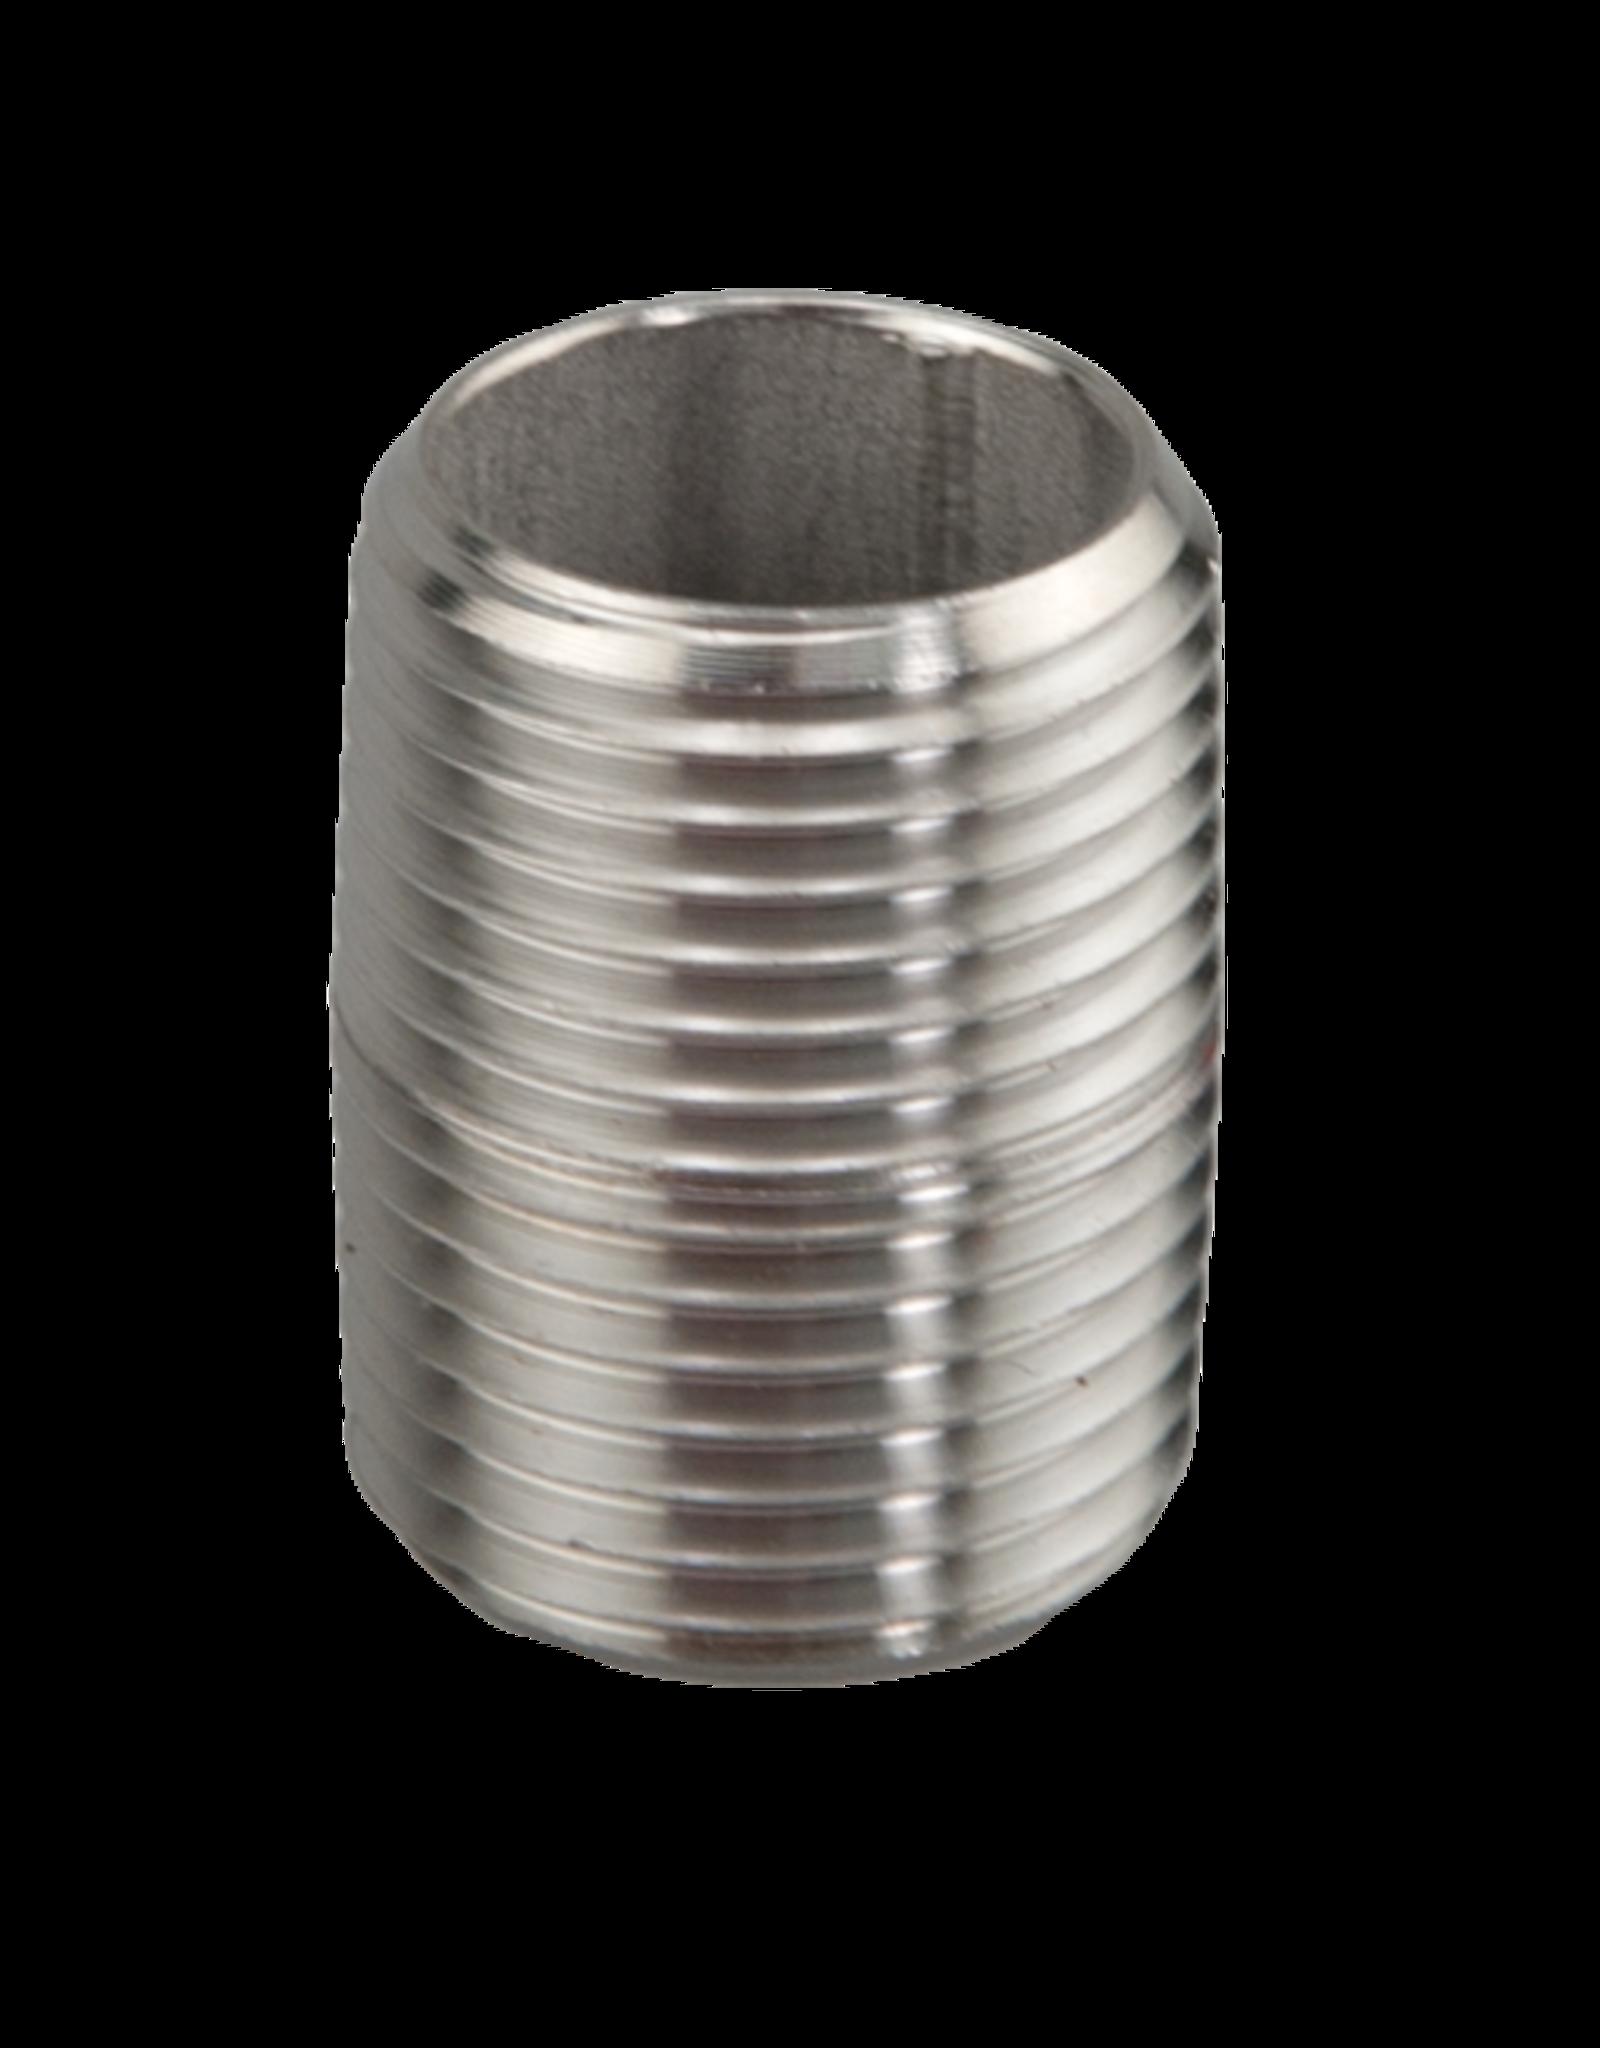 """Hex Nipple 1/2"""" NPT Stainless Steel"""